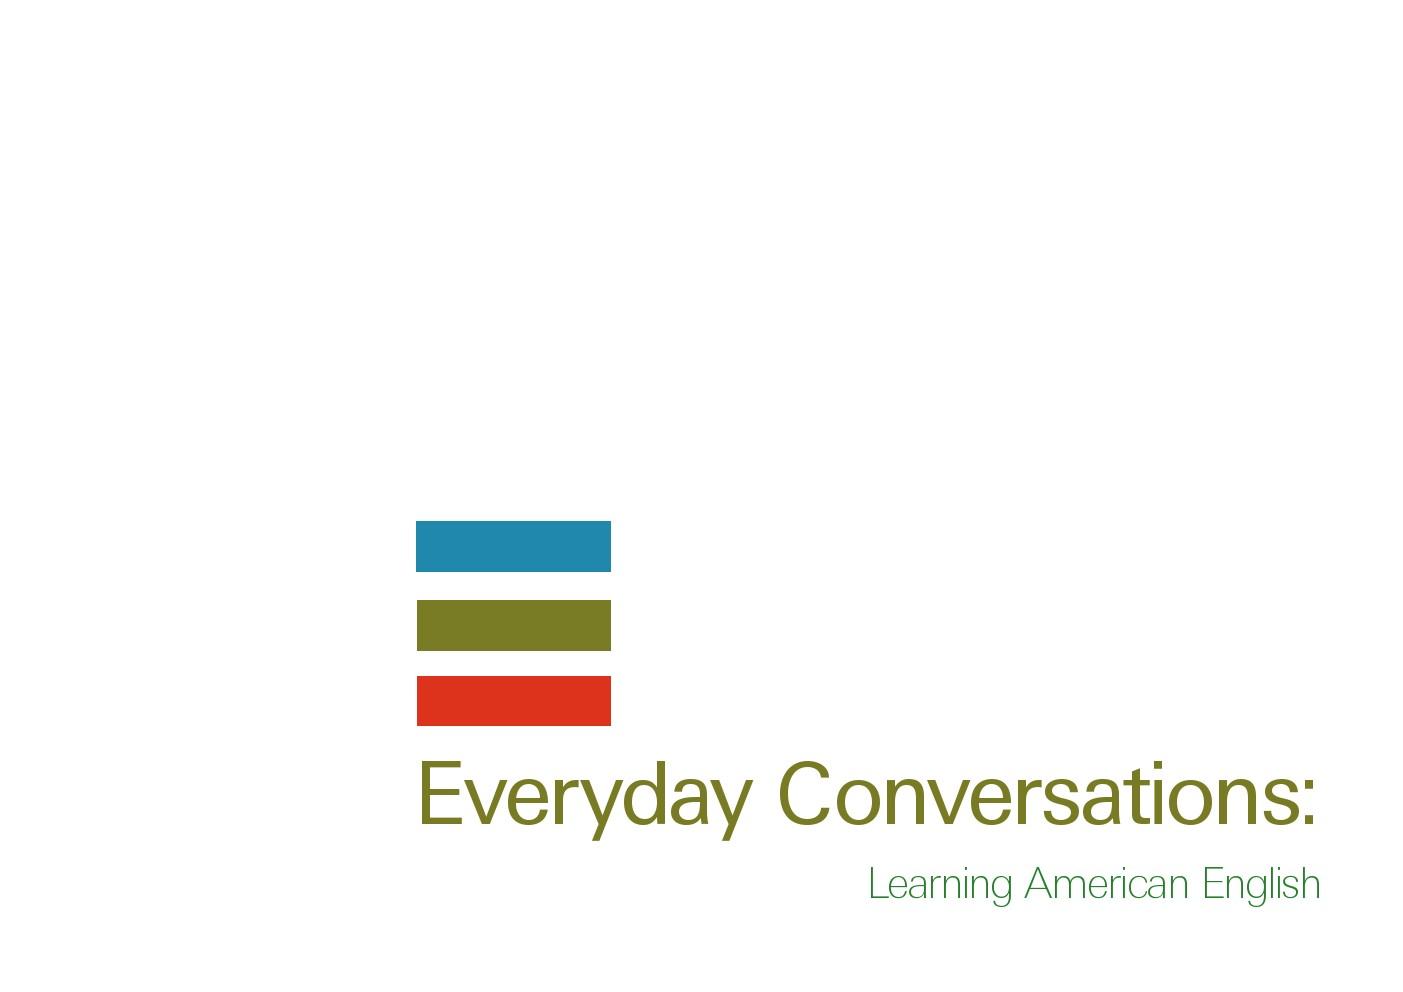 یادگیری انگلیسی آمریکایی-مکالمات و دیالوگ های روزمره